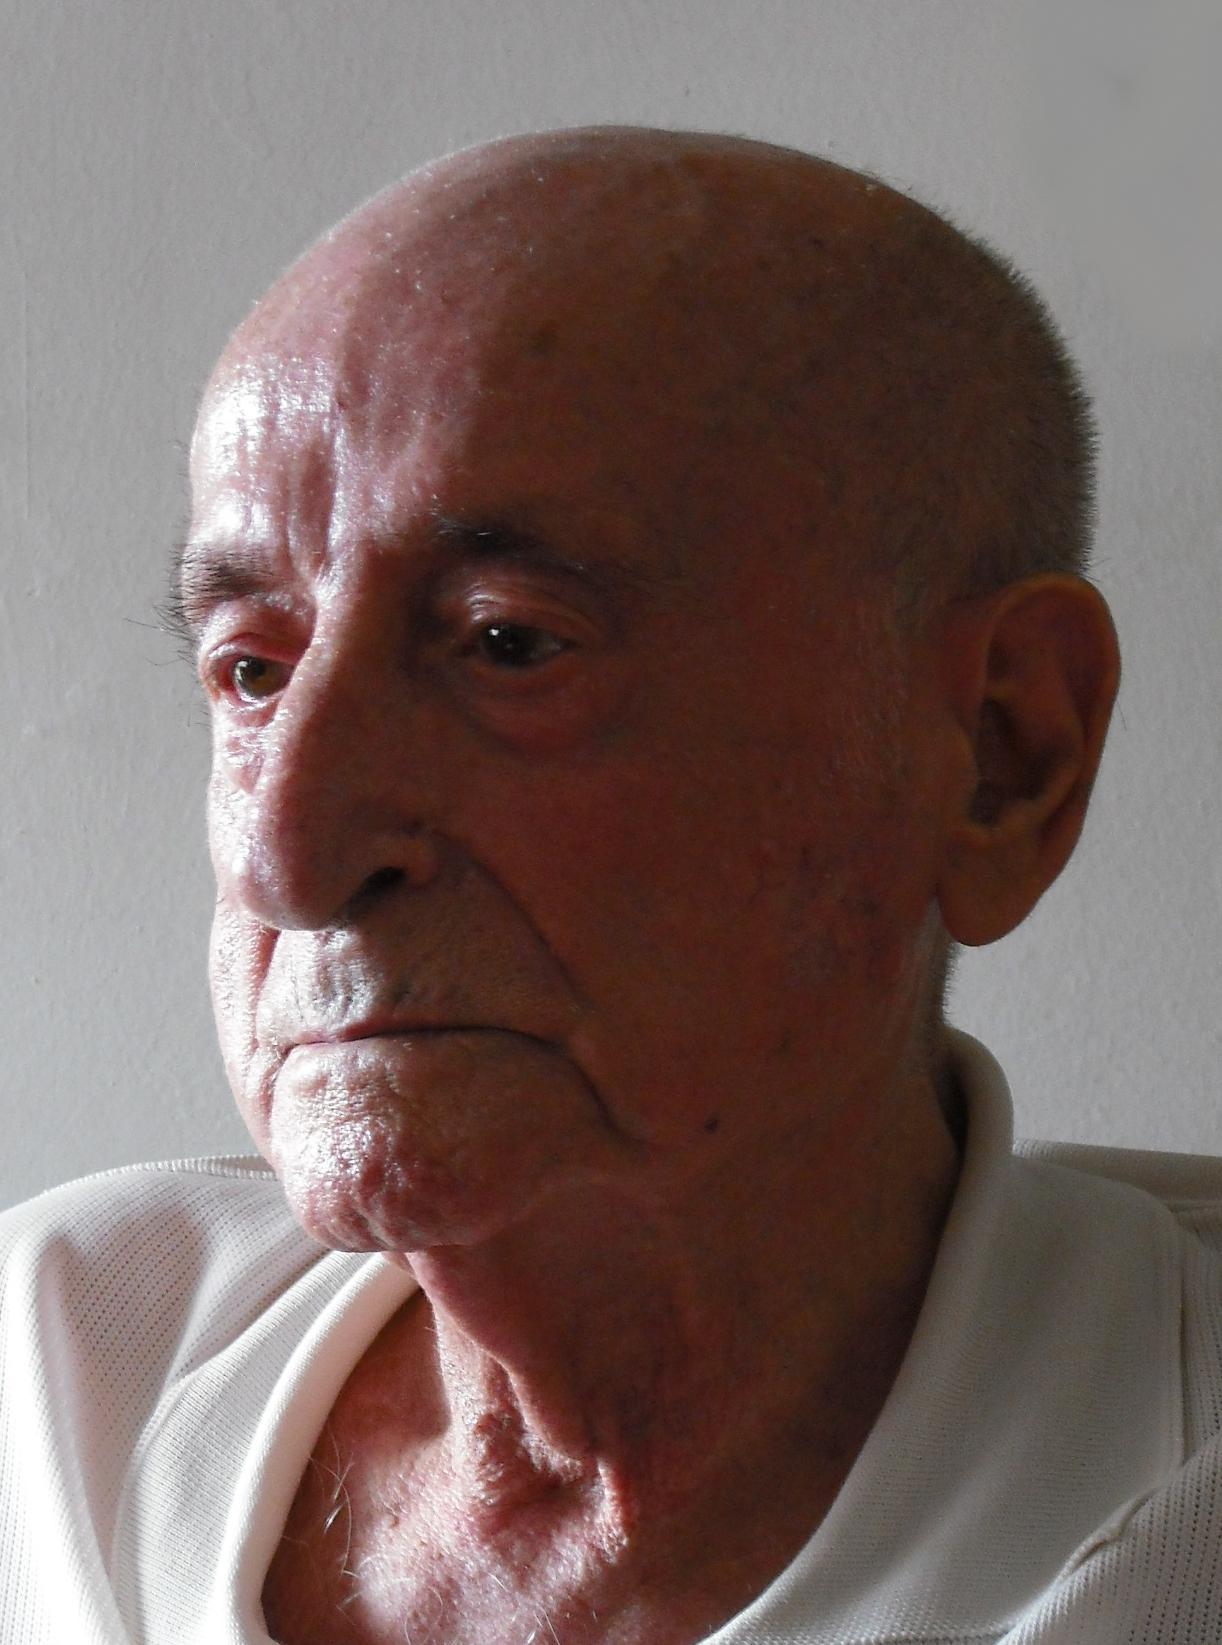 2008.1. JHC, en su casa de Molino de la Hoz, 10 de septiembre de 2008